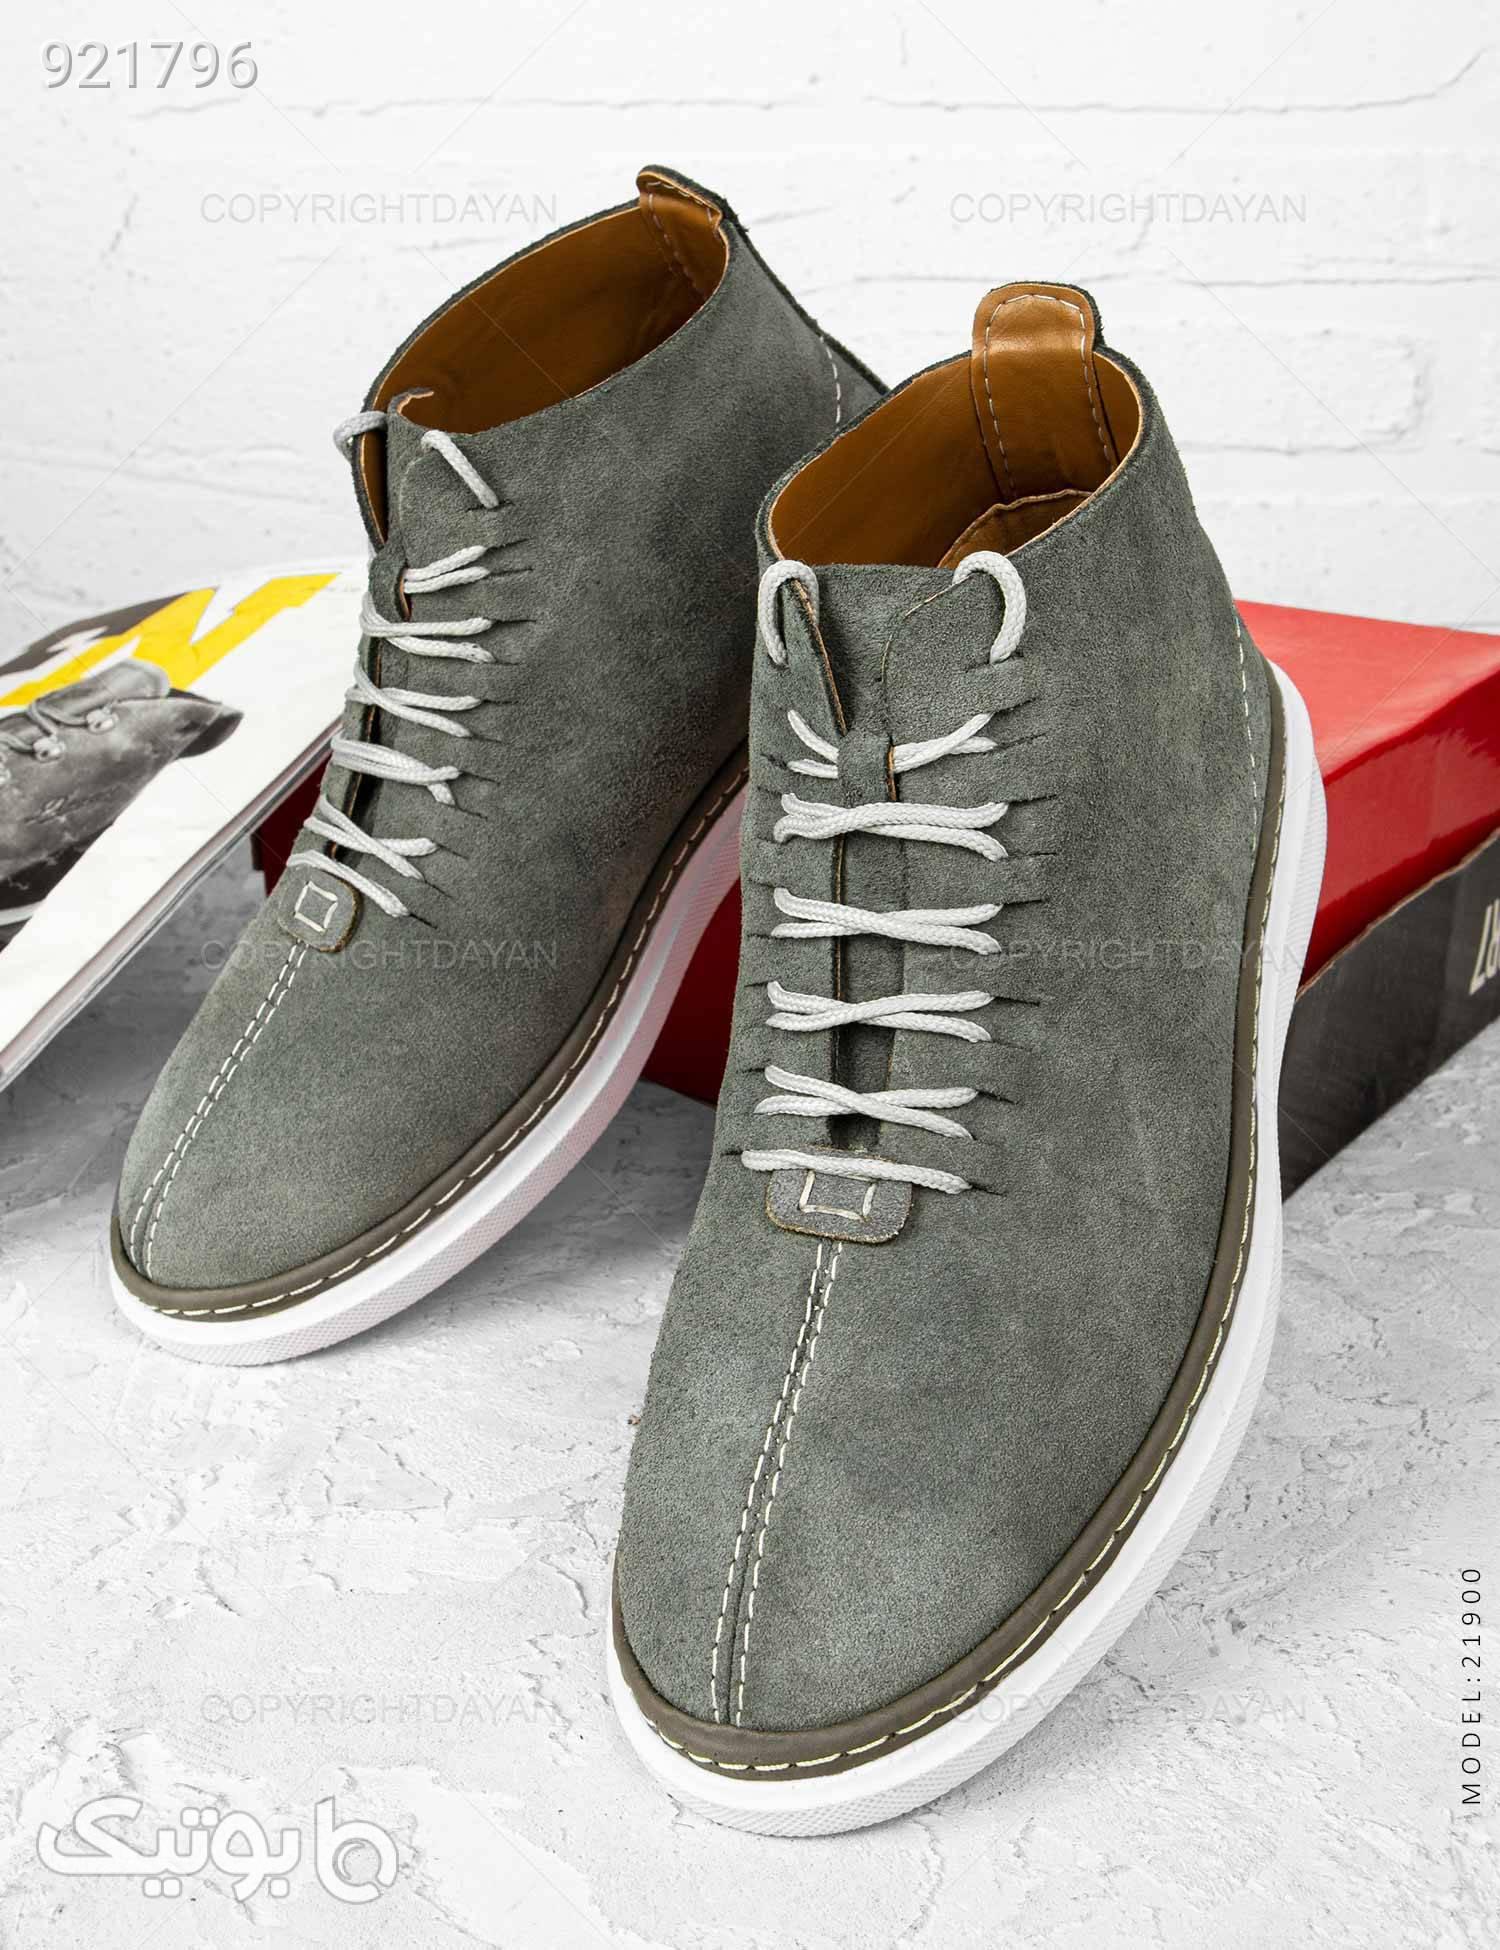 کفش ساقدار مردانه Imaz مدل 21900 طوسی كفش مردانه